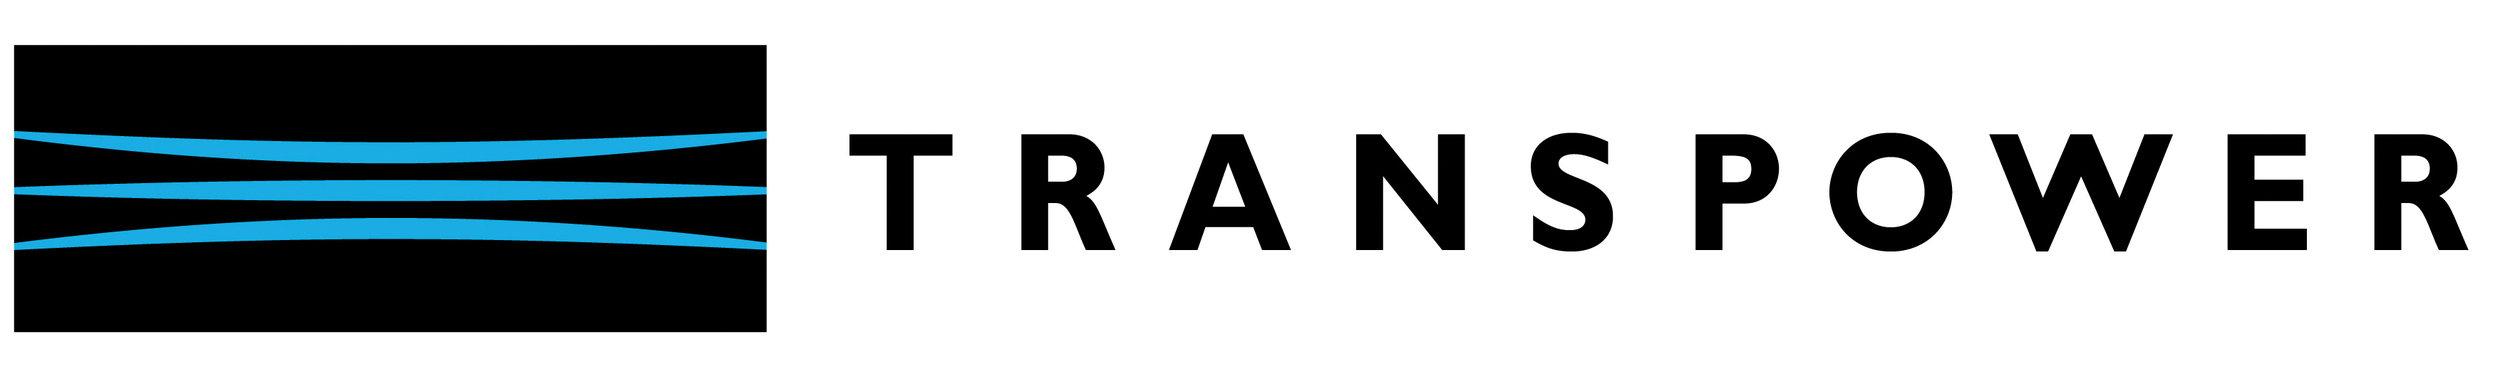 transpower-logo.jpg